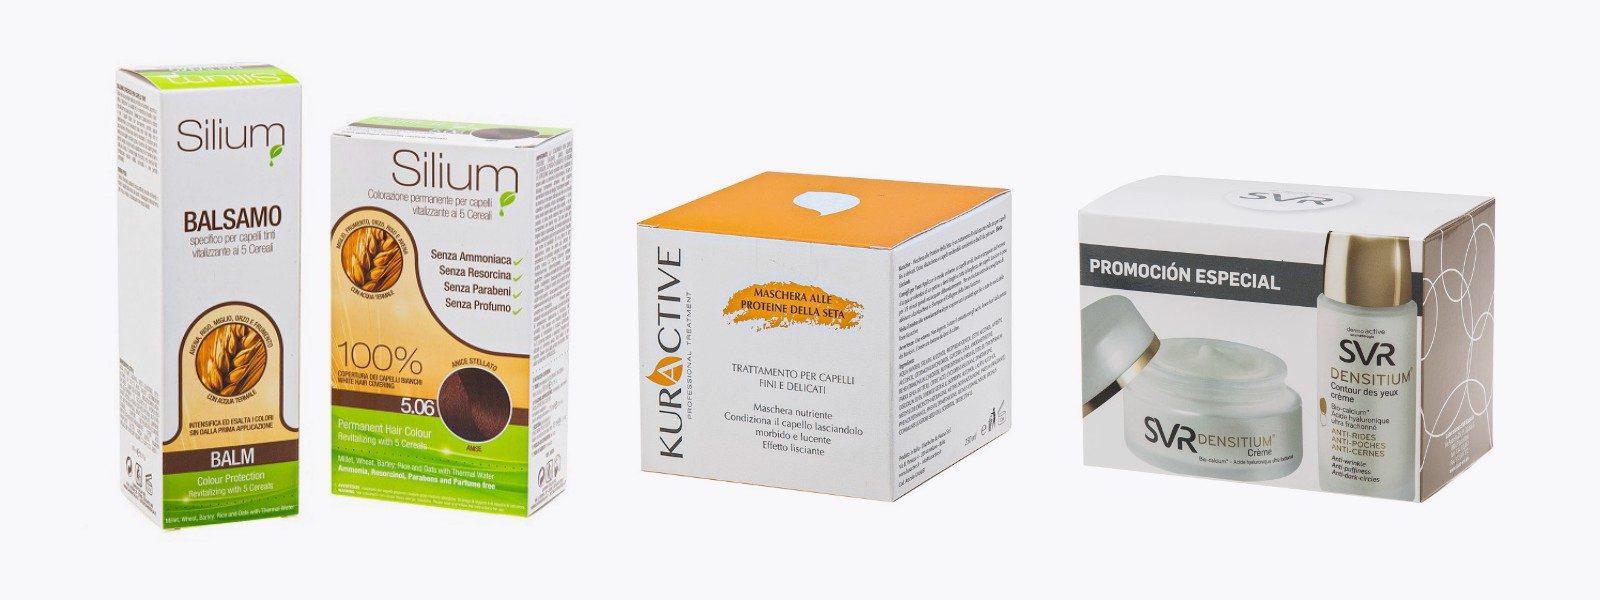 packaging_parafarmaceutico_04